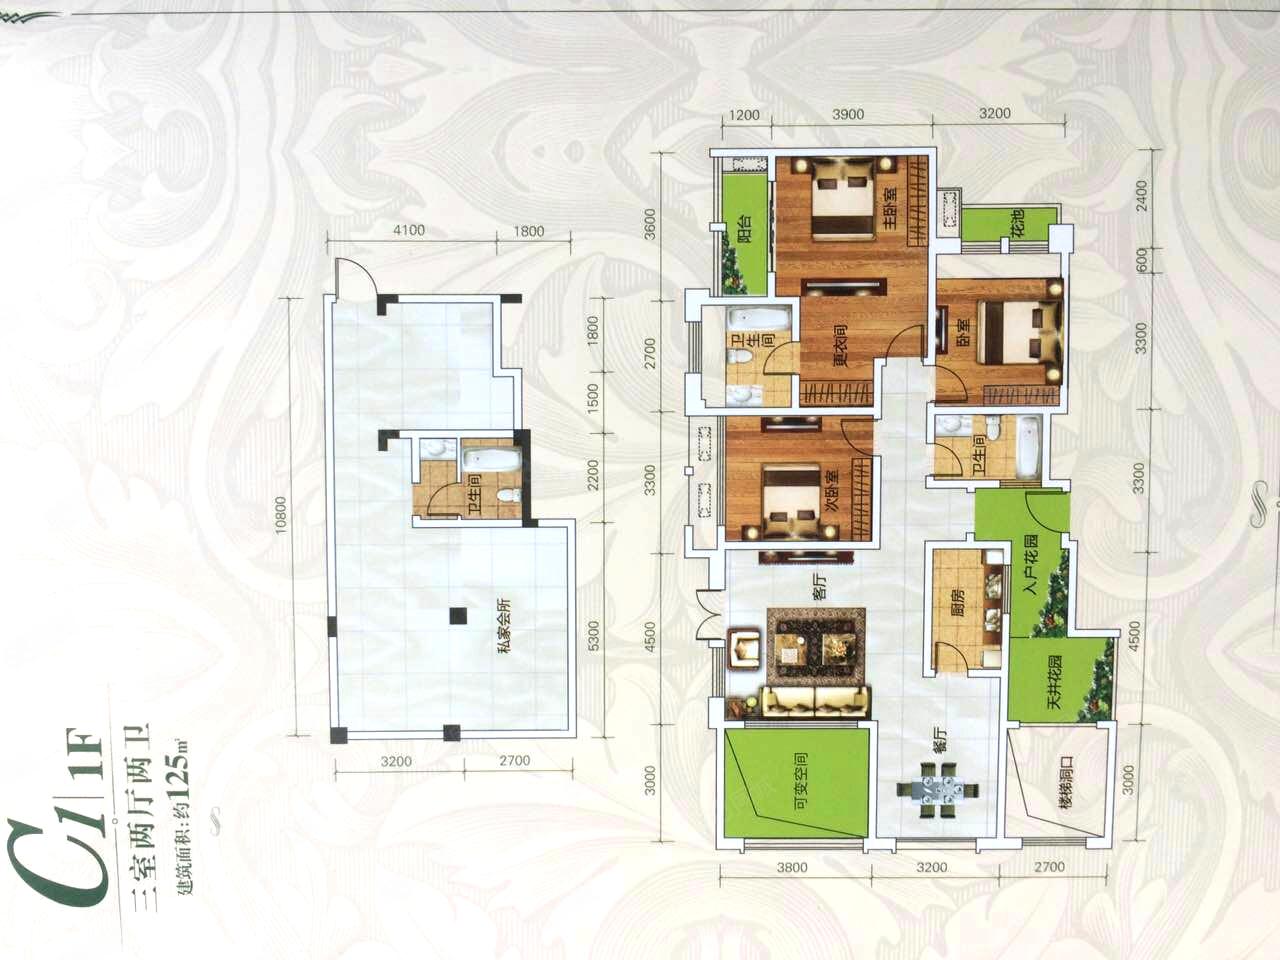 烟草公司宿舍2室2厅1卫65.74带超大入户花园